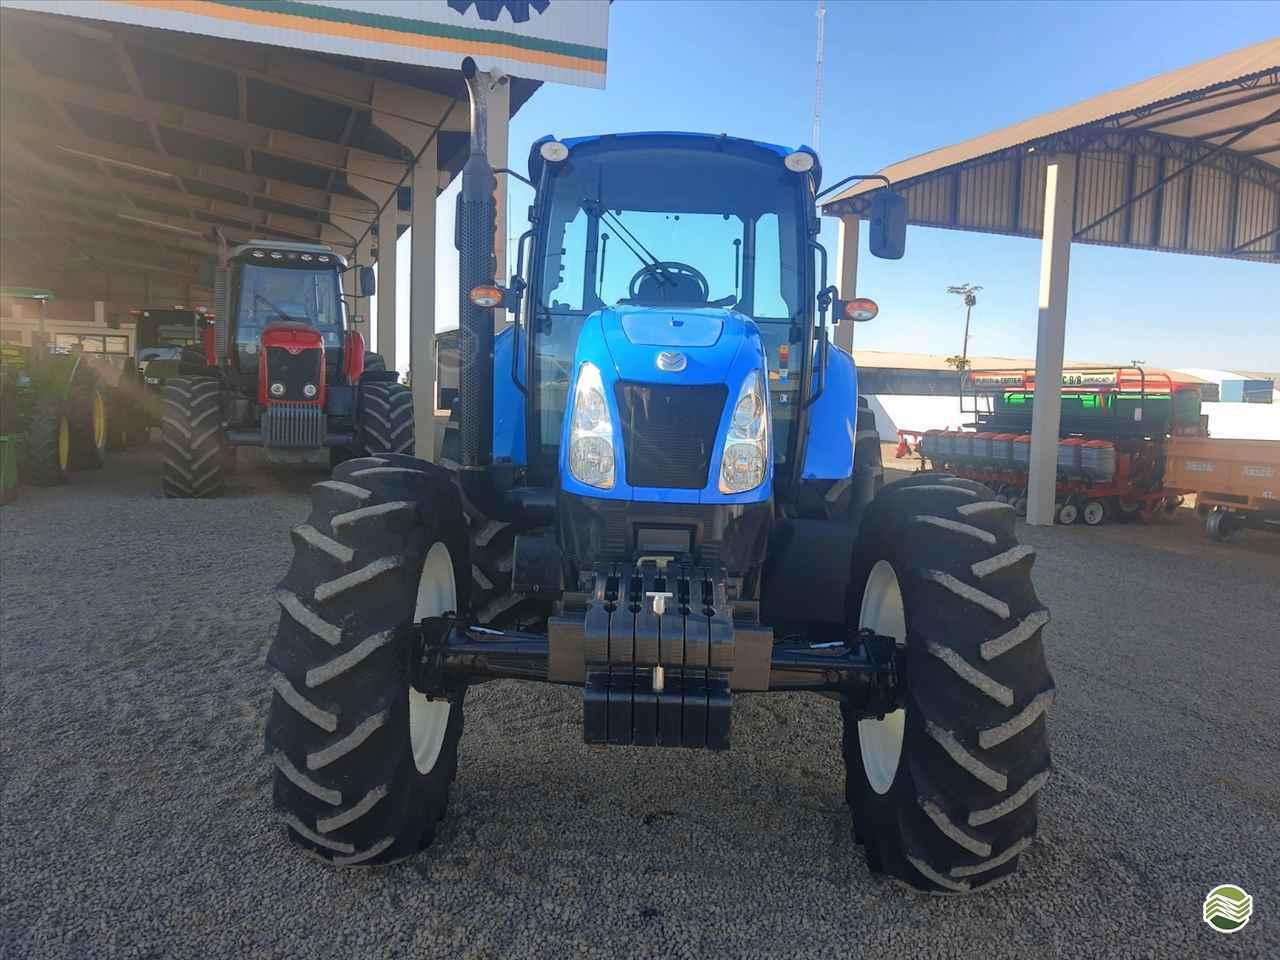 TRATOR NEW HOLLAND NEW T6 130 Tração 4x4 GR Máquinas Agrícolas ARAPONGAS PARANÁ PR